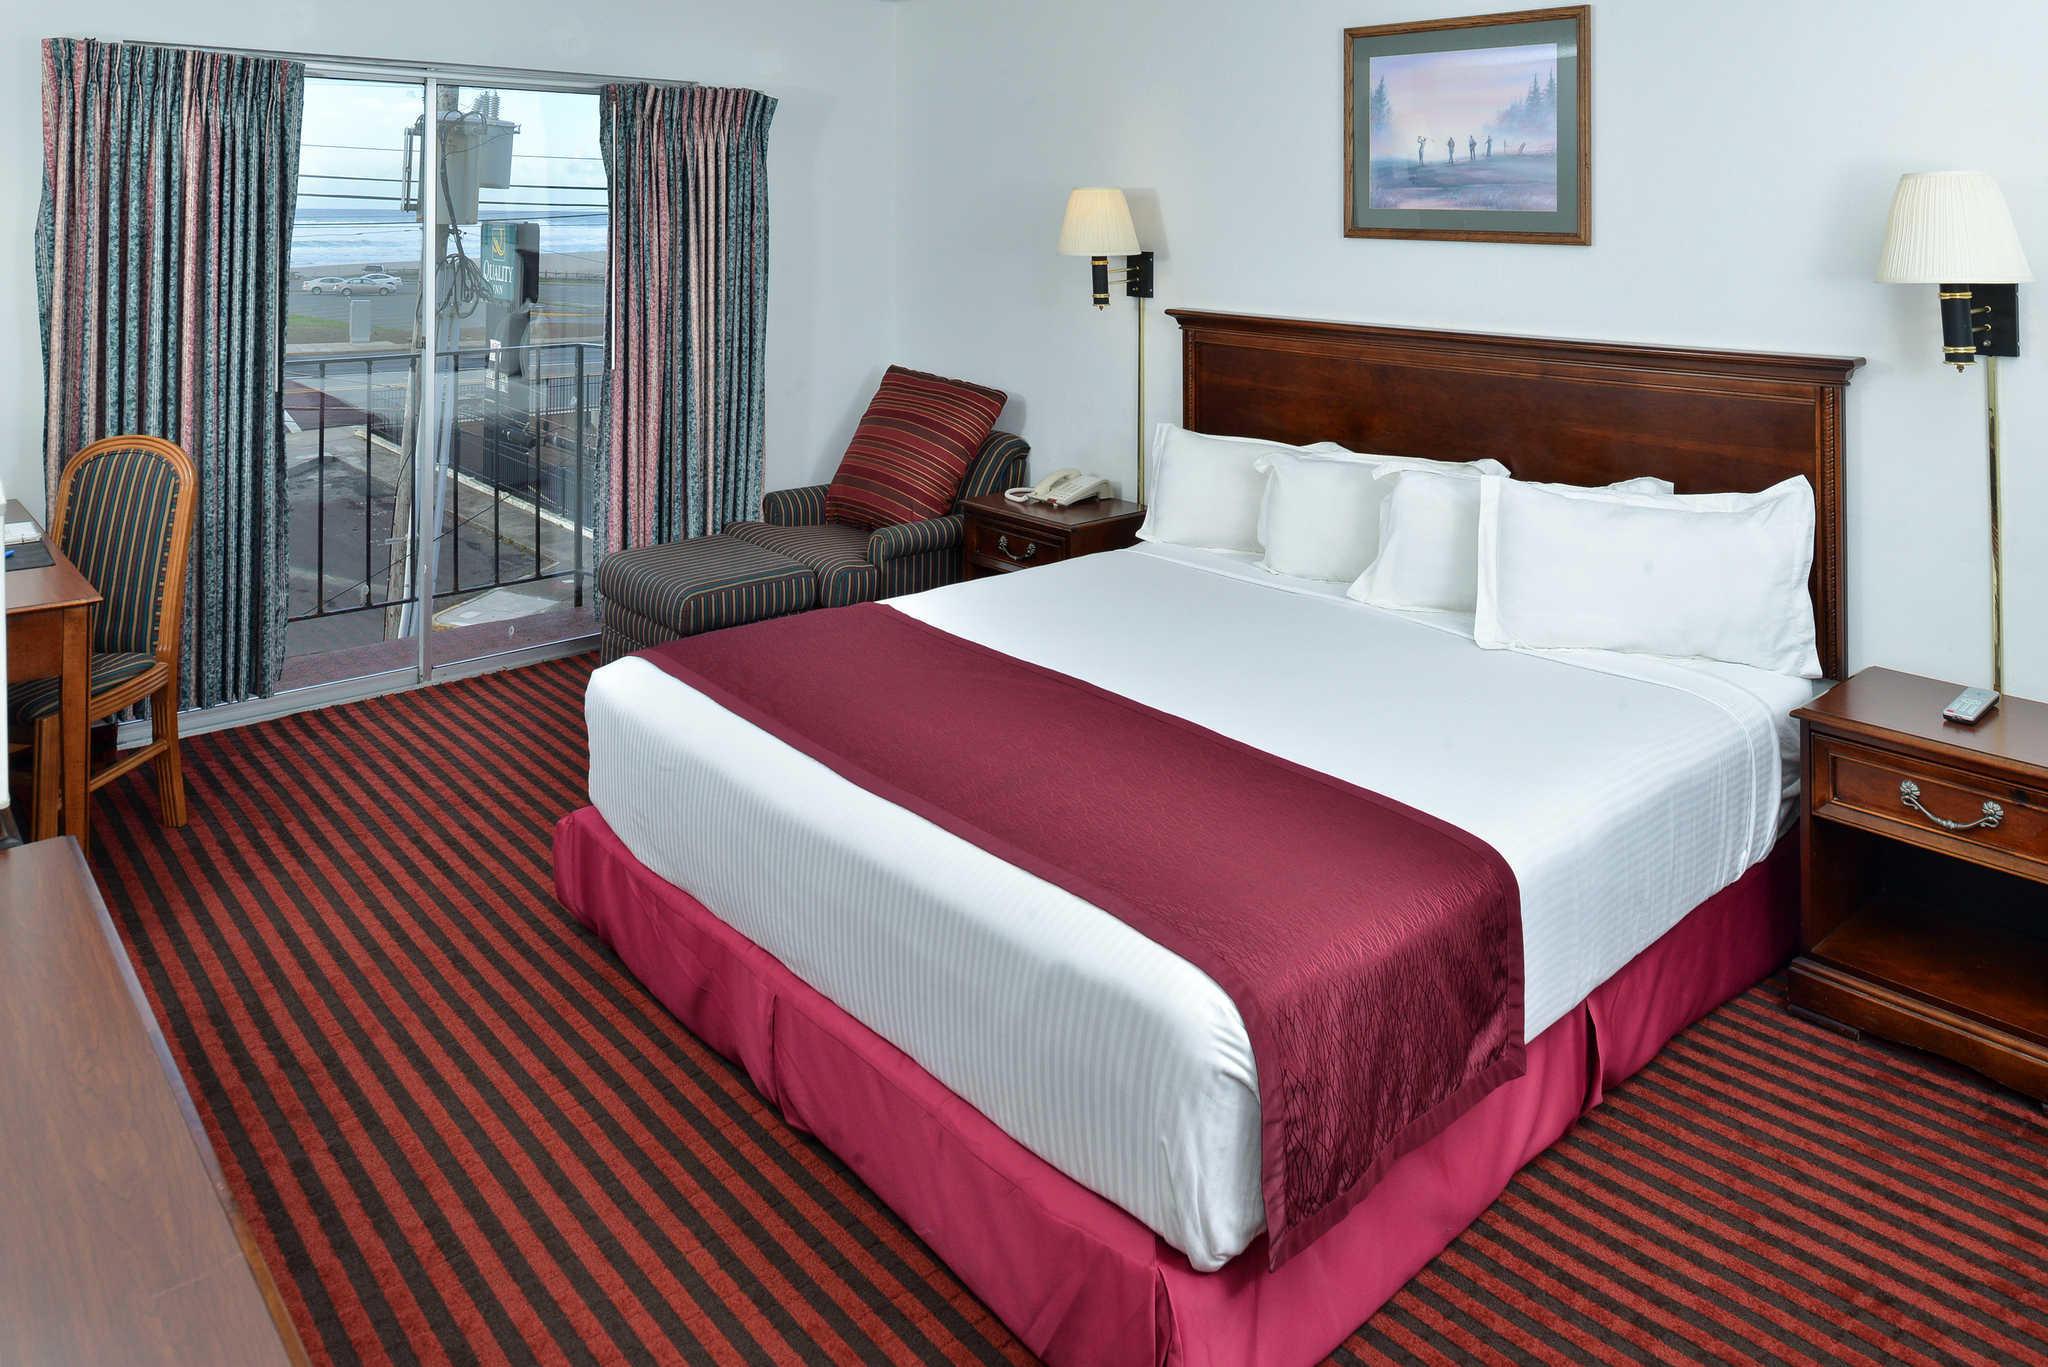 Rodeway Inn & Suites - Closed image 0